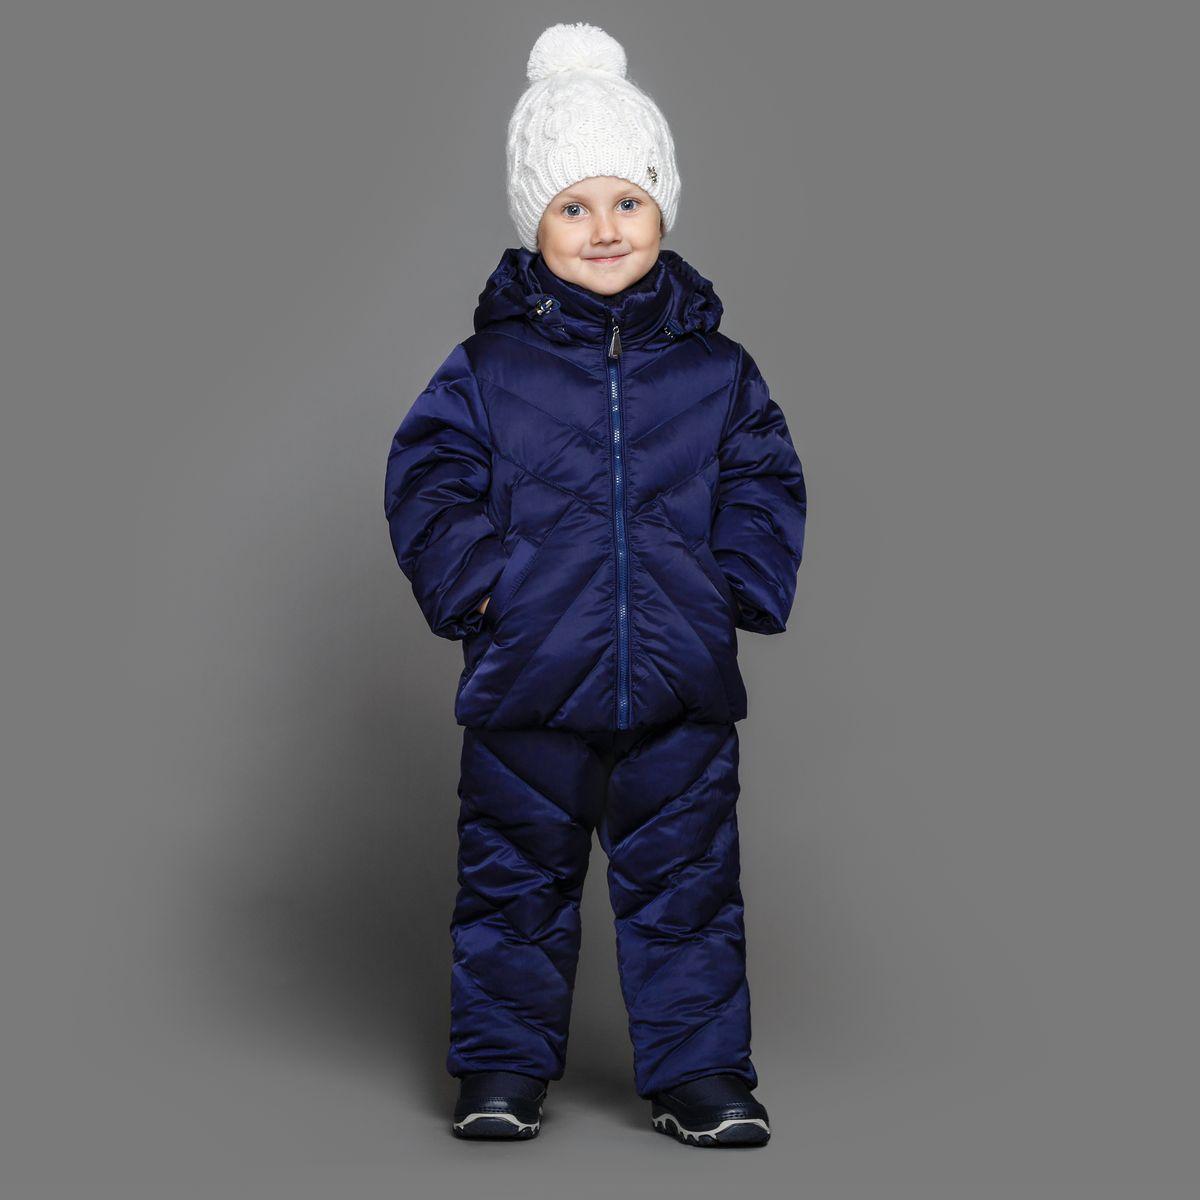 Комплект для девочки Ёмаё: куртка, полукомбинезон, цвет: темно-синий. 39-151. Размер 9239-151Теплый комплект Ёмаё идеально подойдет для ребенка в холодное время года. Комплект состоит из куртки и полукомбинезона, изготовленных из водоотталкивающей ткани с утеплителем из синтепуха. Подкладка выполнена из полиэстера. Куртка застегивается на пластиковую застежку-молнию и дополнена капюшоном на кулиске. Низ рукавов с внутренними трикотажными манжетами - дополнительная защита от ветра и снега. Предусмотрены два прорезных кармана. Полукомбинезон с небольшой грудкой застегивается на пластиковую застежку-молнию и имеет наплечные лямки с пластиковым карабином, регулируемые по длине. Спереди он оформлен двумя втачными кармашками. На талии предусмотрена широкая эластичная резинка, которая позволяет надежно заправить в брюки водолазку или свитер. Снизу брючины дополнены внутренними манжетами с настроченной эластичной тесьмой с латексной нитью (антискользящая), которая фиксирует брючины на сапогах и предохраняет от попадания снега. Все молнии с внутренними ветрозащитными планками. Набивка куртки - 220 г/м2, подкладка - флис. Набивка полукомбинезона - 150 г/м2.Температурный режим до -10-15°С.Комфортный, удобный и практичный комплект идеально подойдет для прогулок и игр на свежем воздухе!